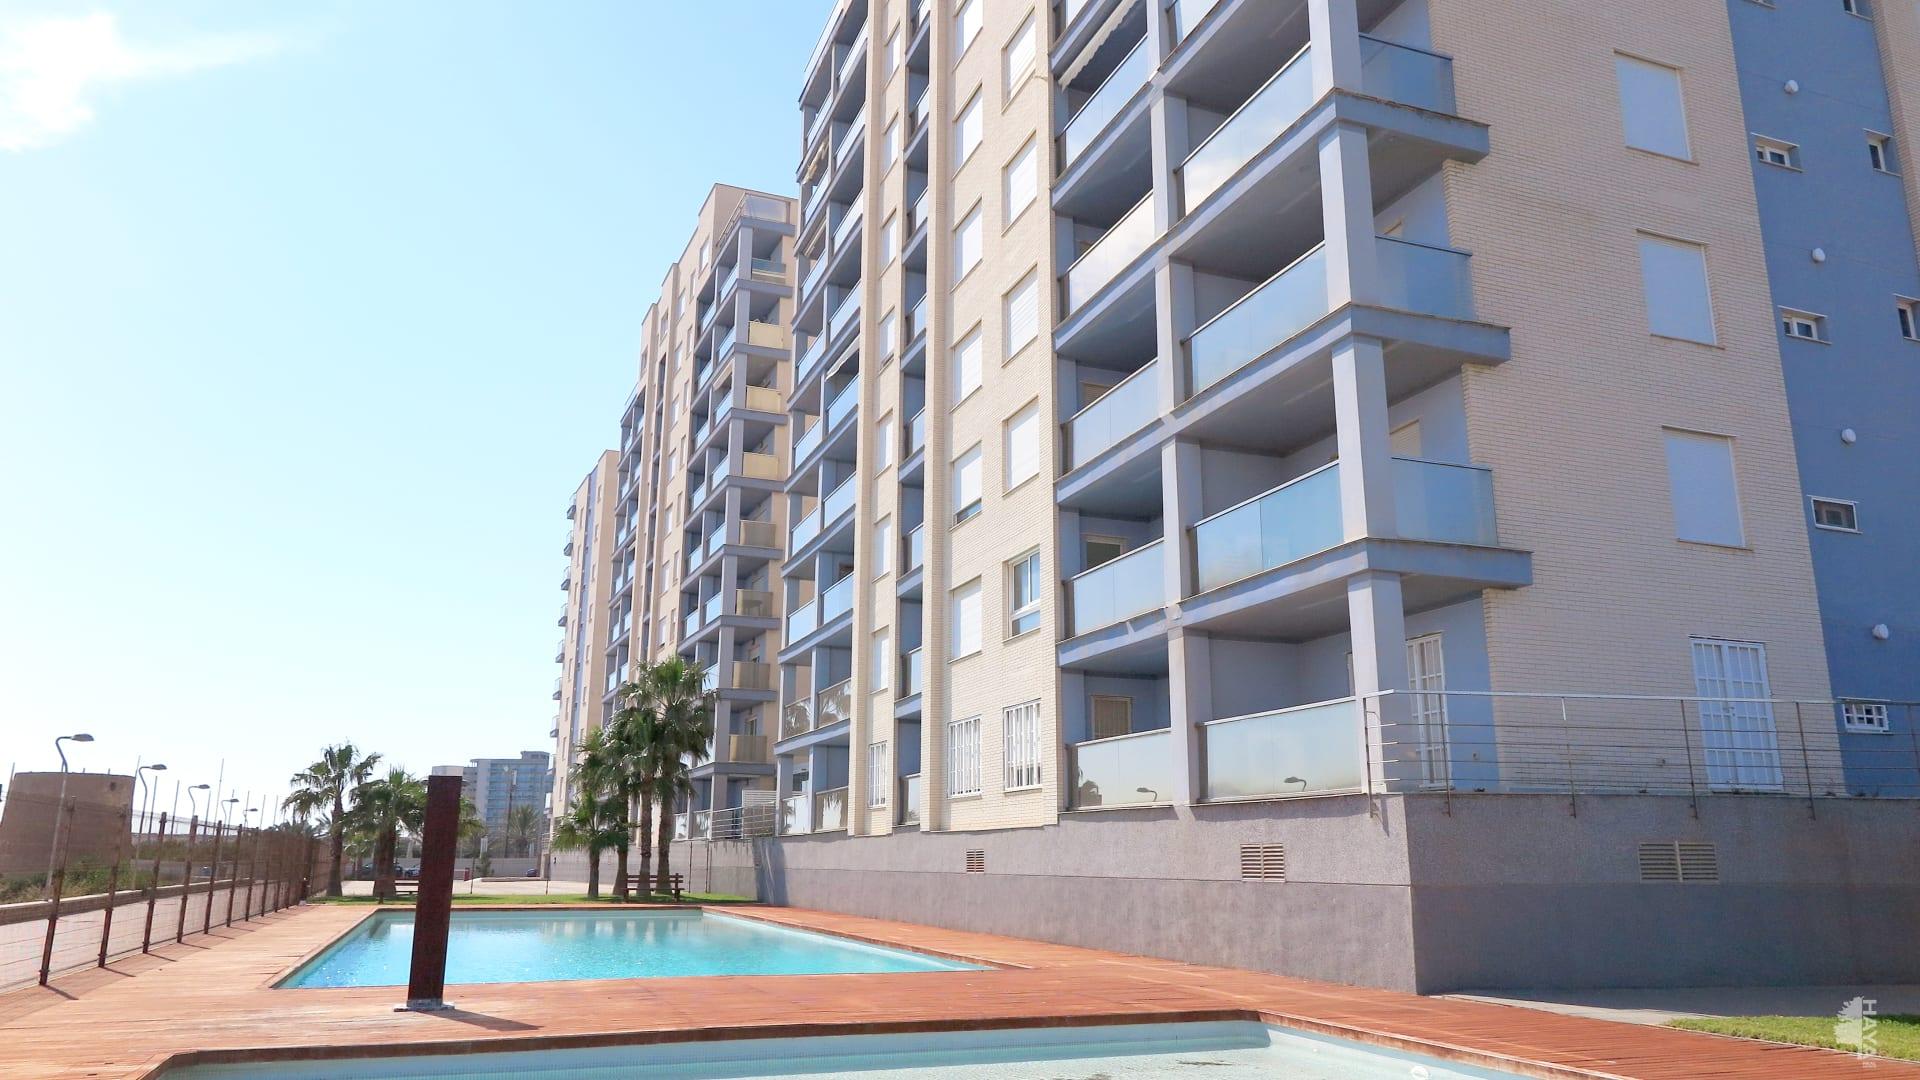 Piso en venta en San Javier, Murcia, Calle Prolongación Pol F. Conj Resid. Veneziola Golf Ii, 116.000 €, 1 habitación, 1 baño, 60 m2